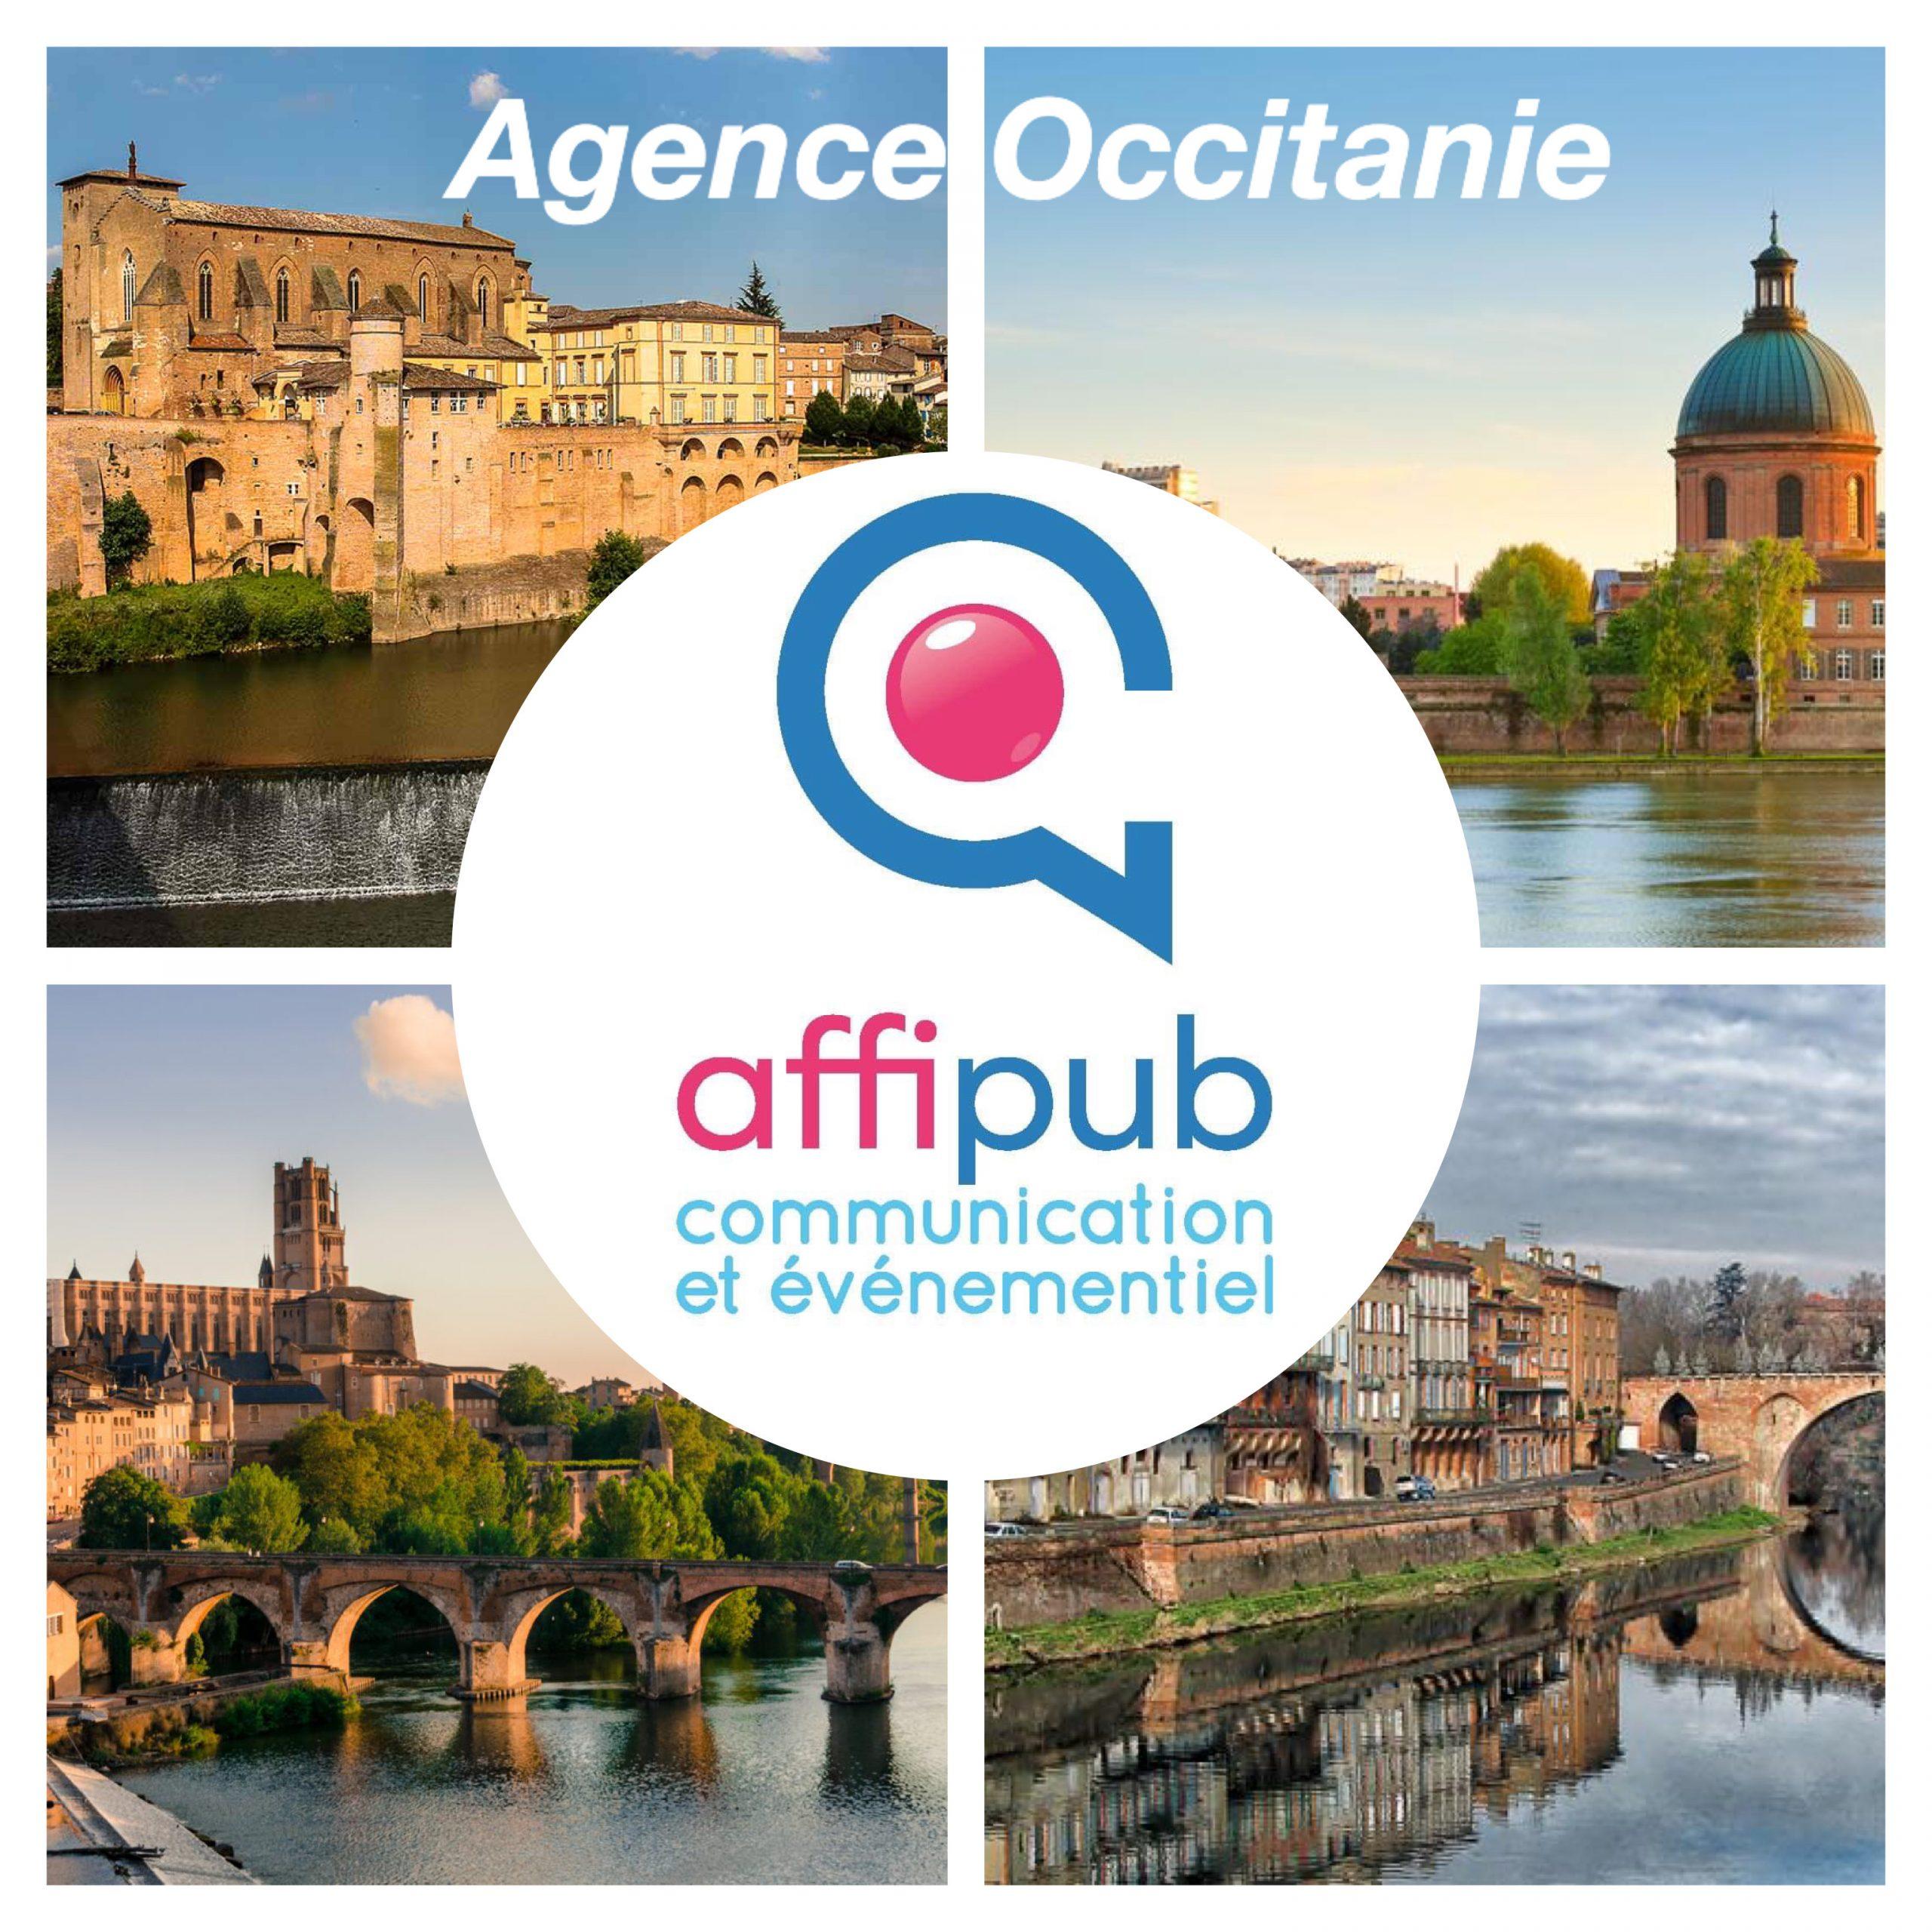 Affipub Communication en Région Occitanie à Albi, Castres et Toulouse post thumbnail